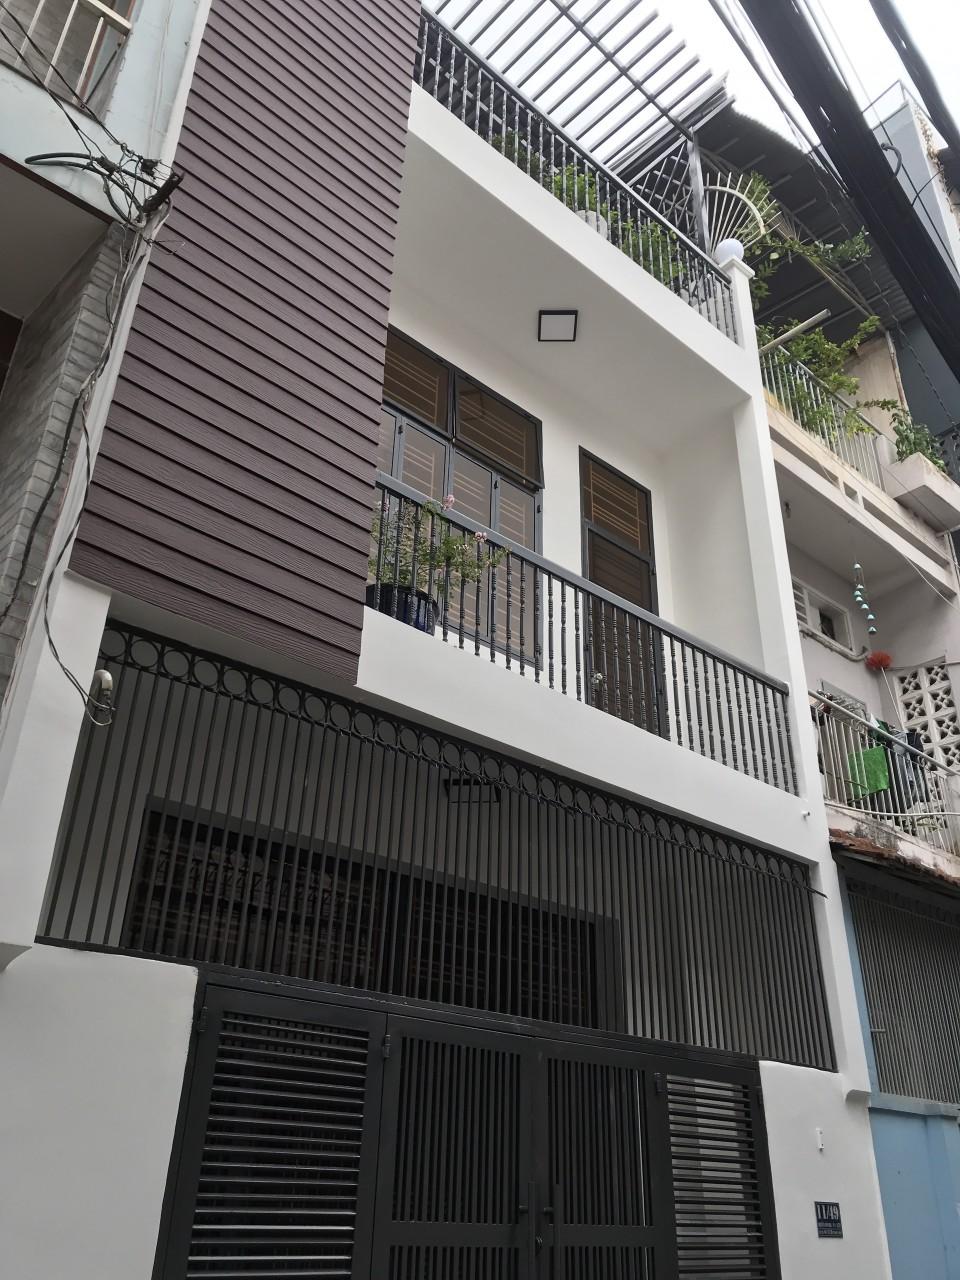 Bán nhà HXH đường Cộng Hòa gần Etown, P. 13, Q. Tân Bình, DT NH: 5 x 15m giá chỉ 8.5 tỷ